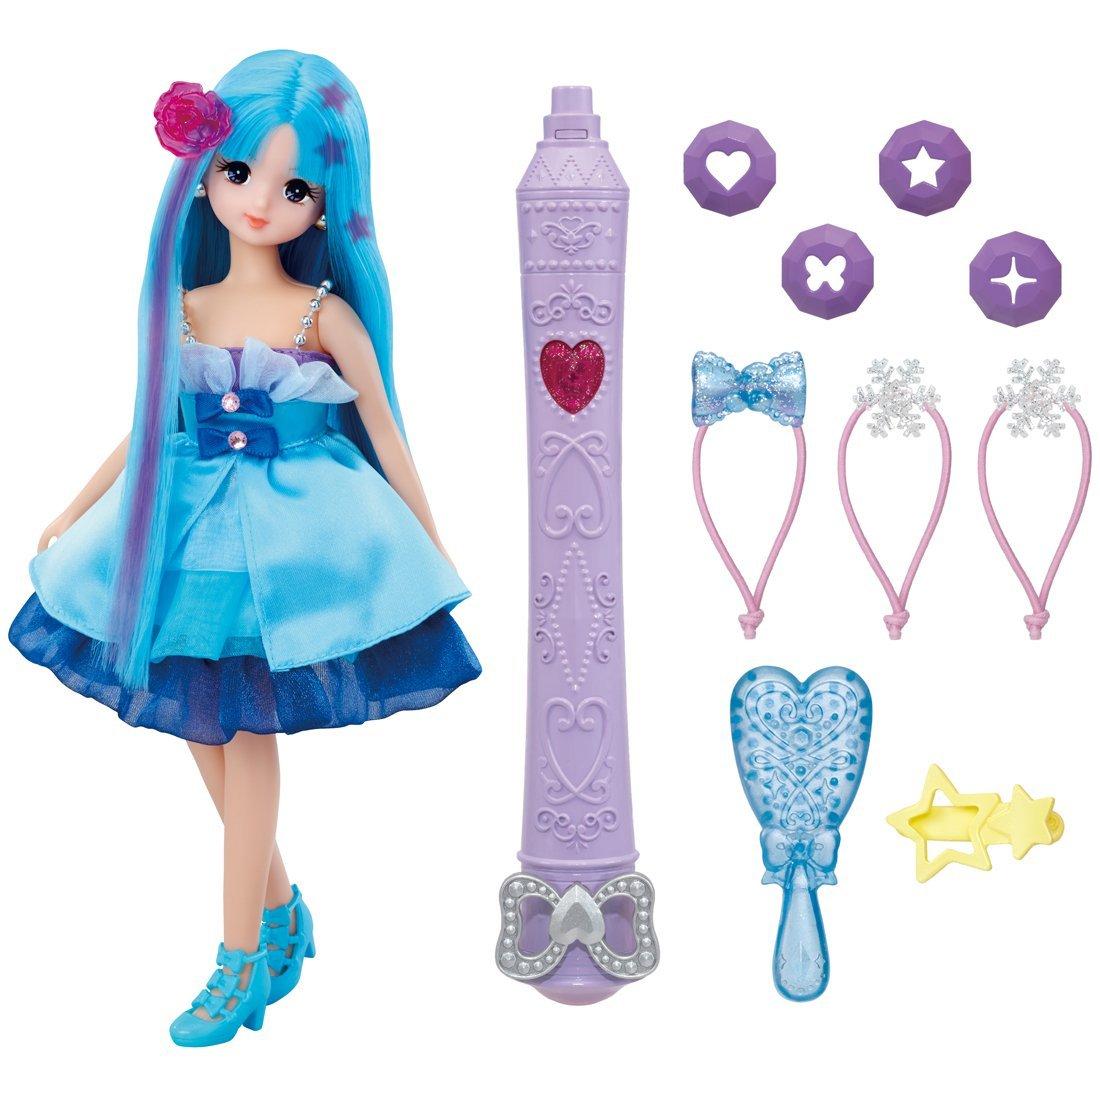 キラチェン さくらちゃん リカちゃんフレンドさくらちゃんふしぎなライトを髪にあてると色が変わる リカちゃん人形 髪遊び ドール 着せ替え 女の子 タカラトミー